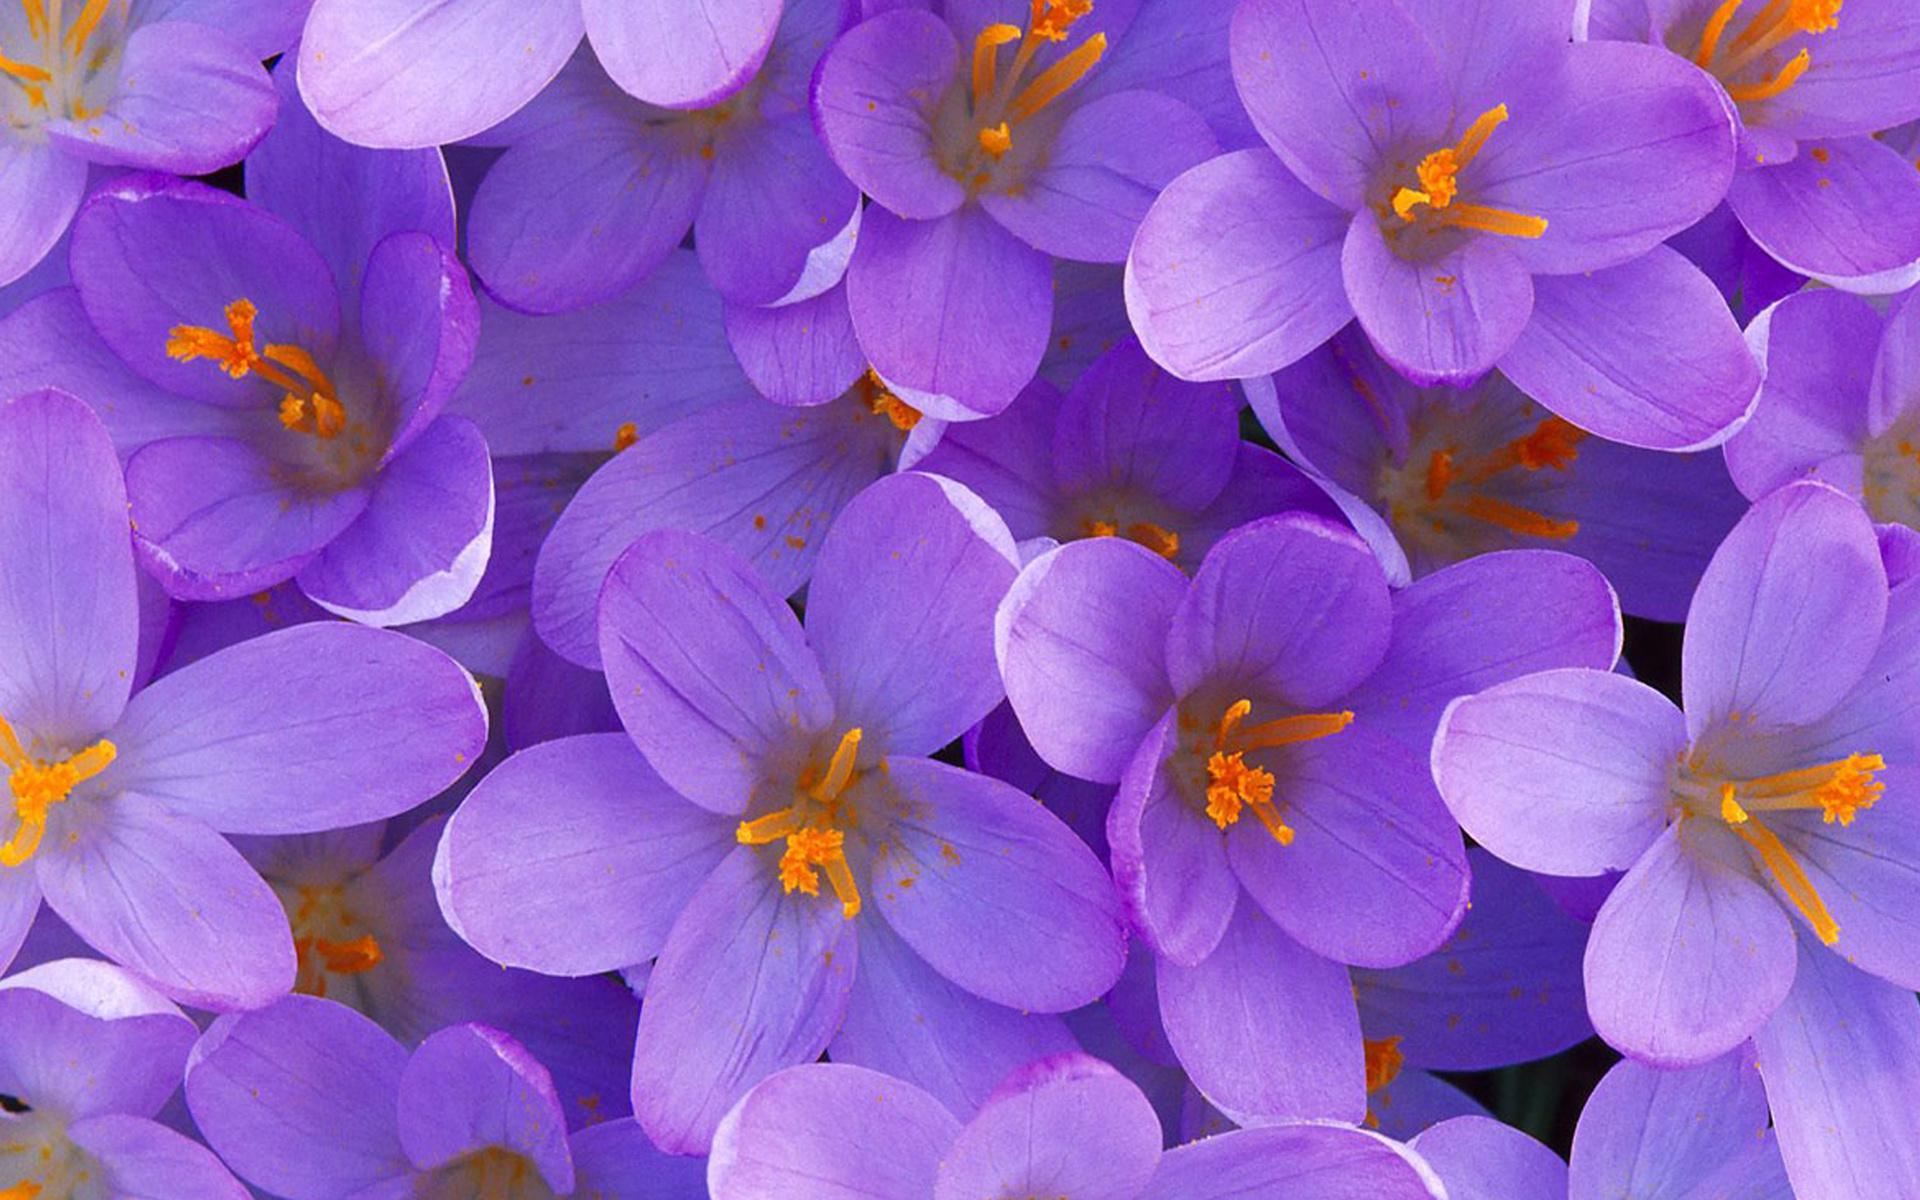 Цветы цветы фиолетовые красивые 1920x1200